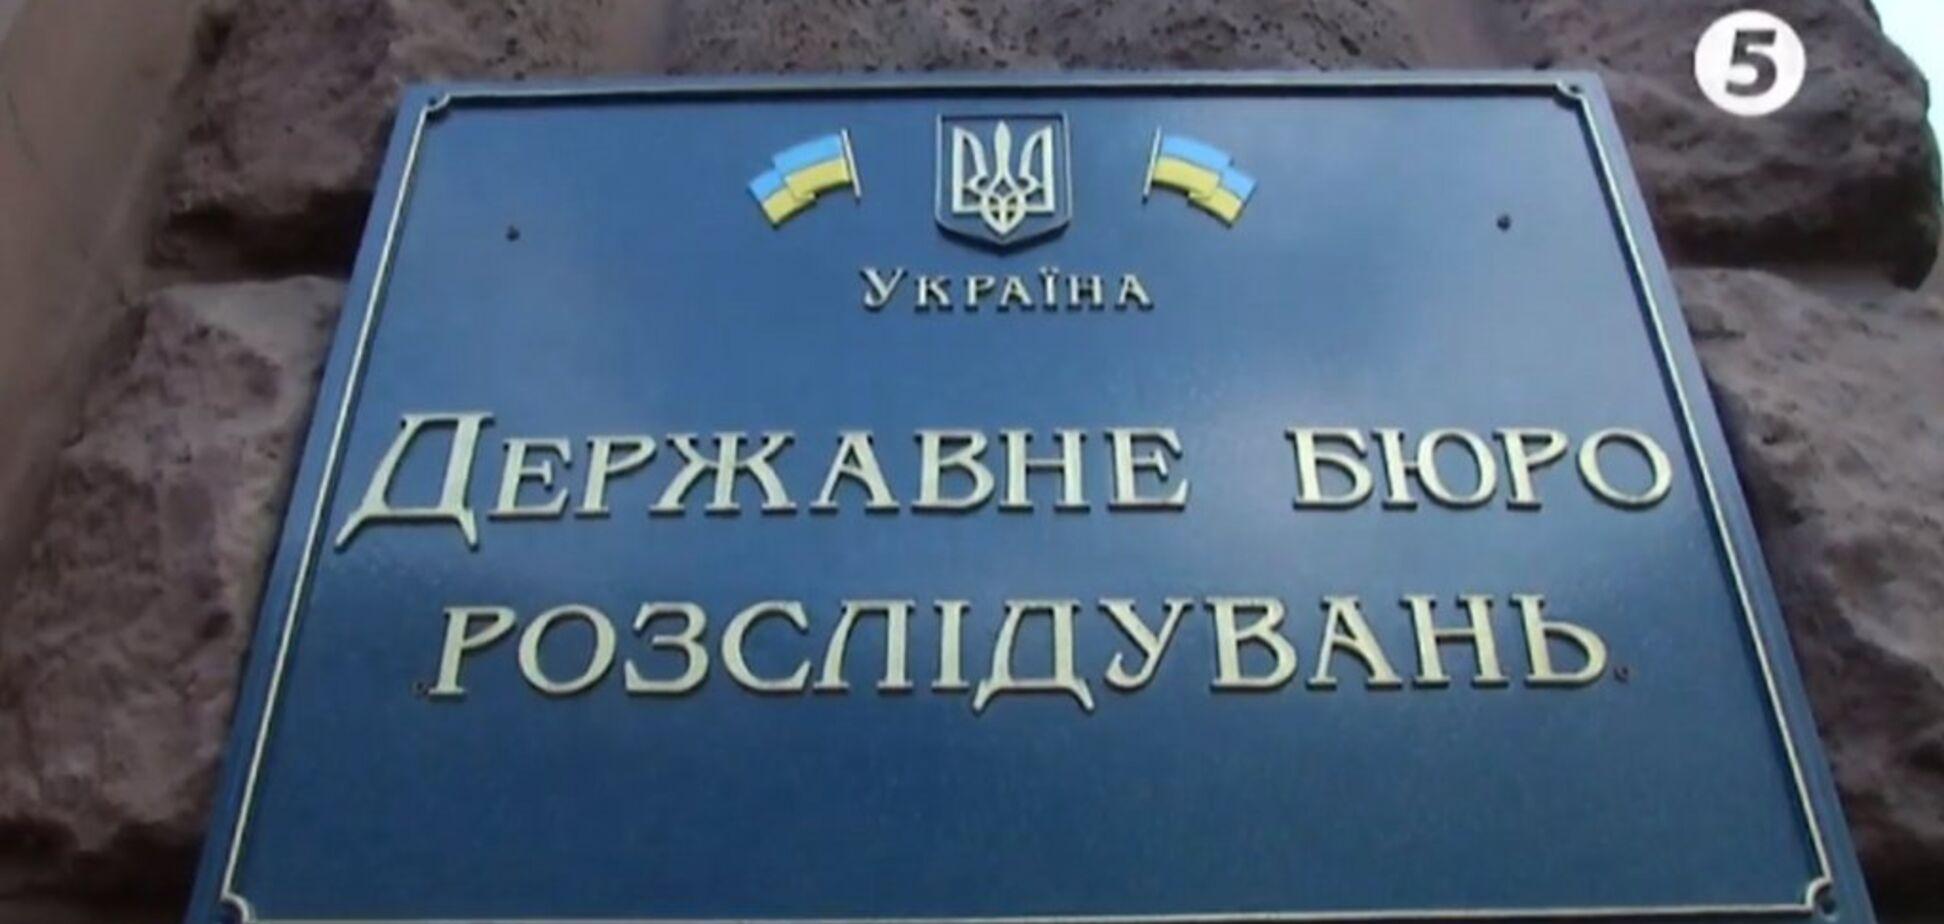 Скандал в оборонці: у ДБР зробили заяву щодо розтрати на 9 млн грн